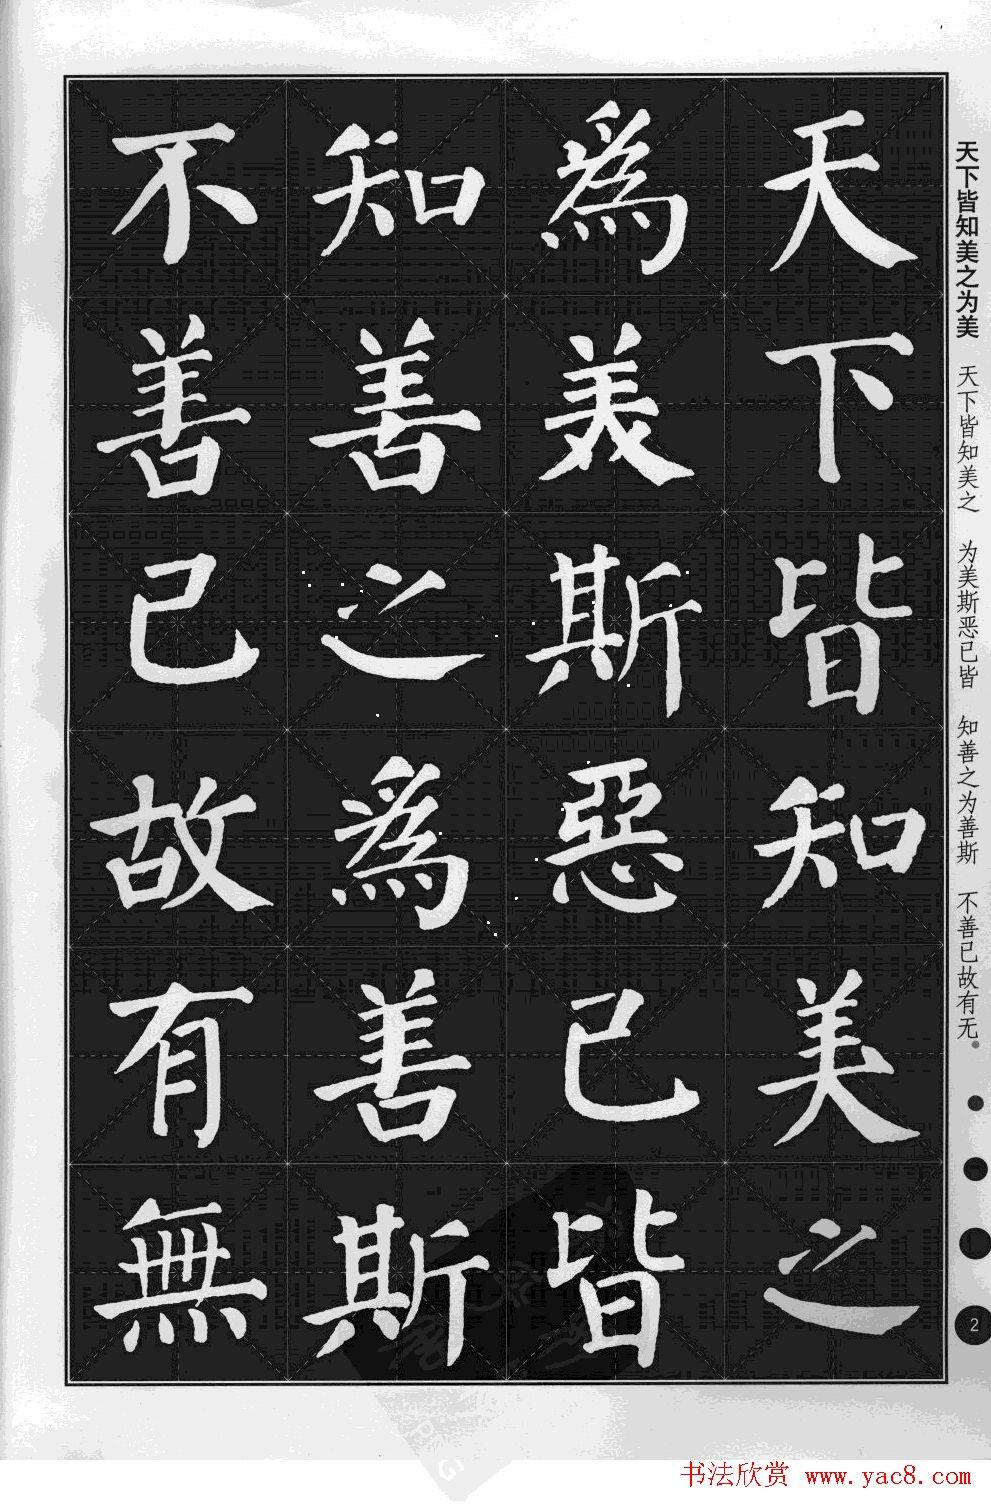 [转载]唐代著名书法家颜真卿作品欣赏图片